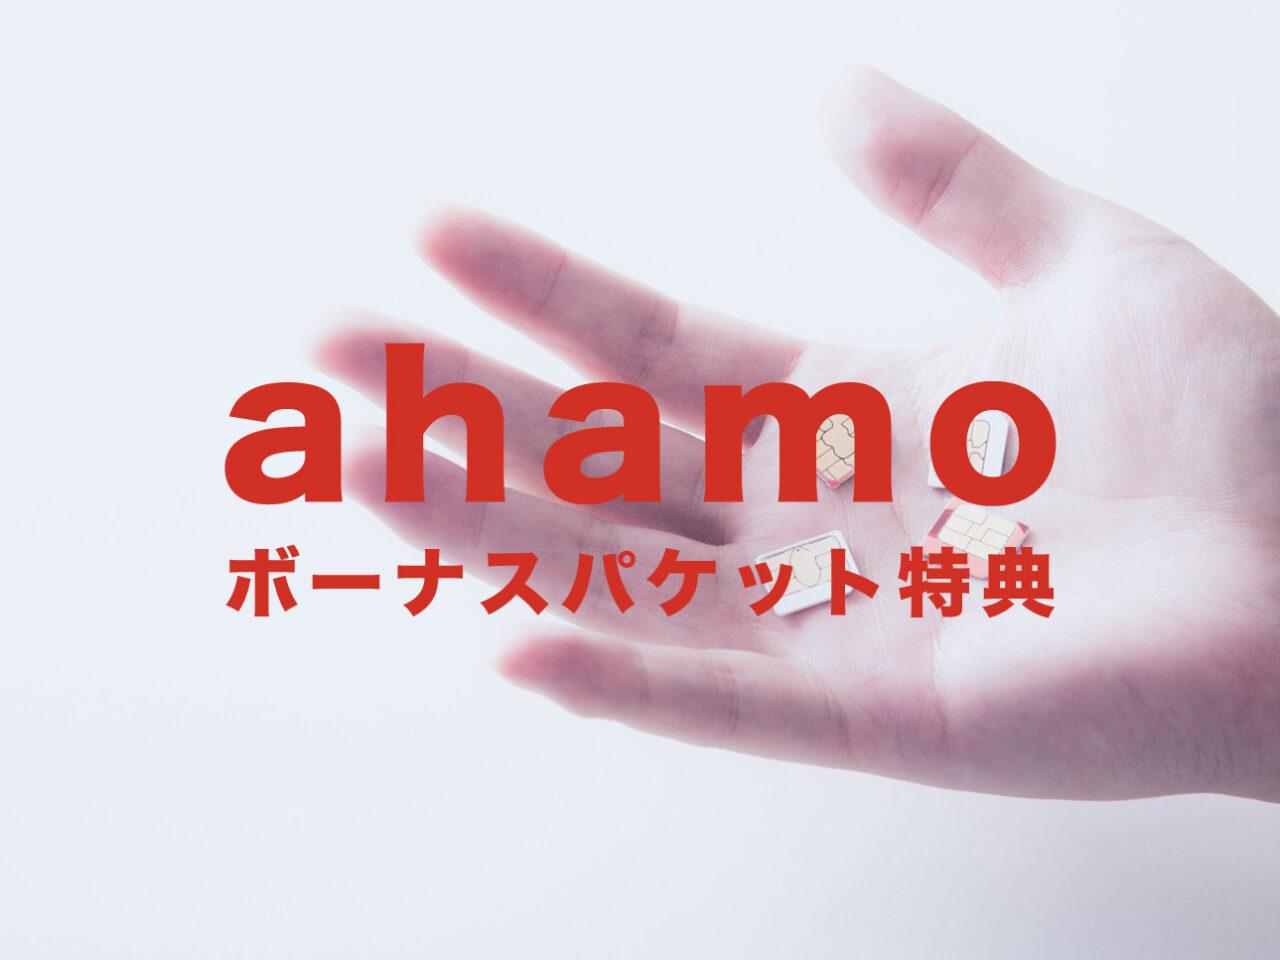 ahamo(アハモ)でdカードボーナスパケット特典とは?のサムネイル画像